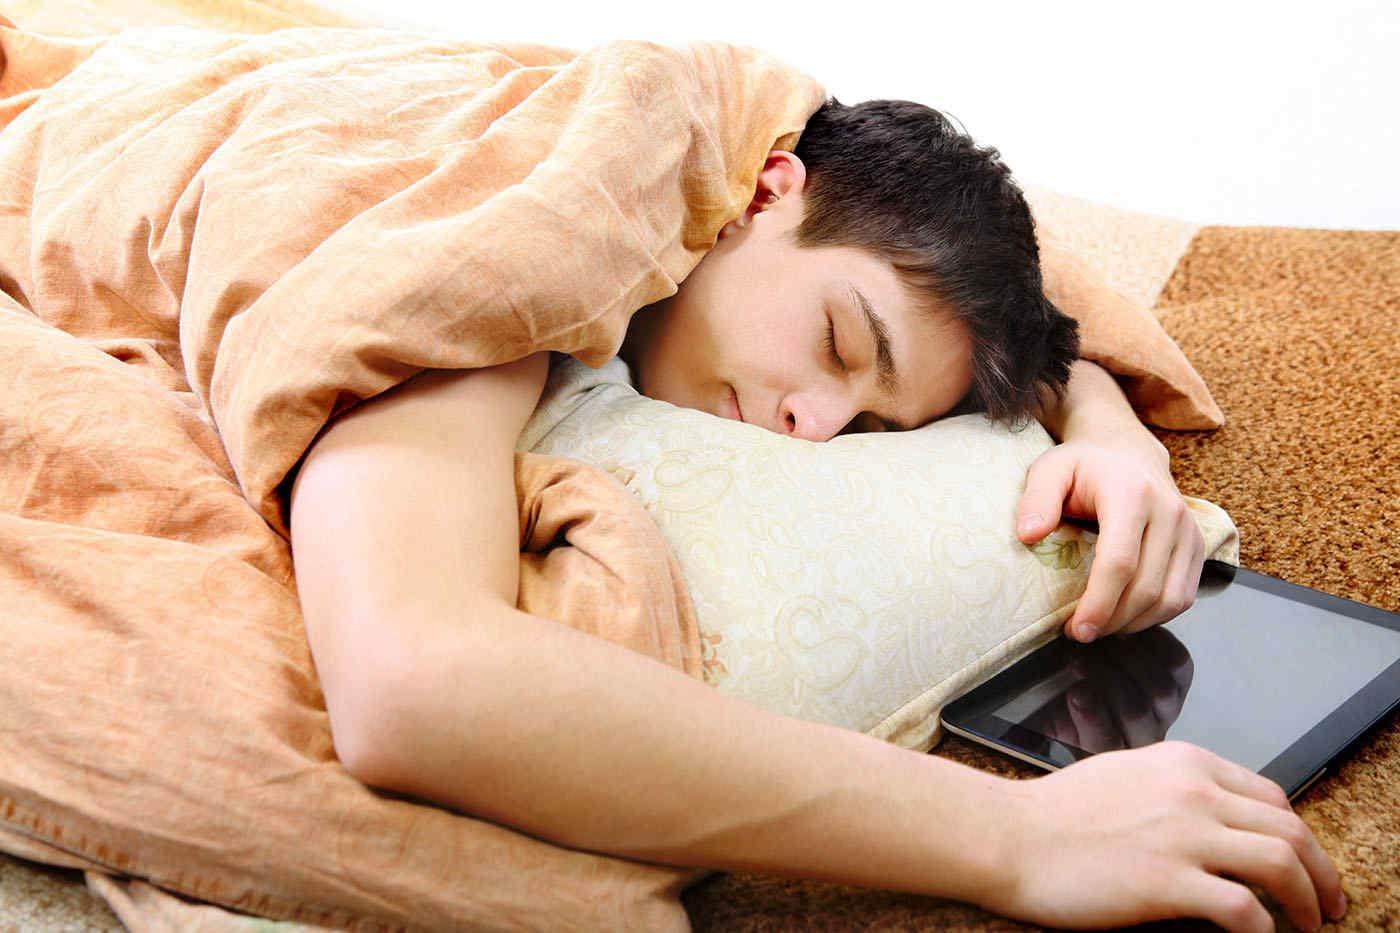 Somnul îi ajută pe adolescenți să facă față mai ușor stresului social [studiu]